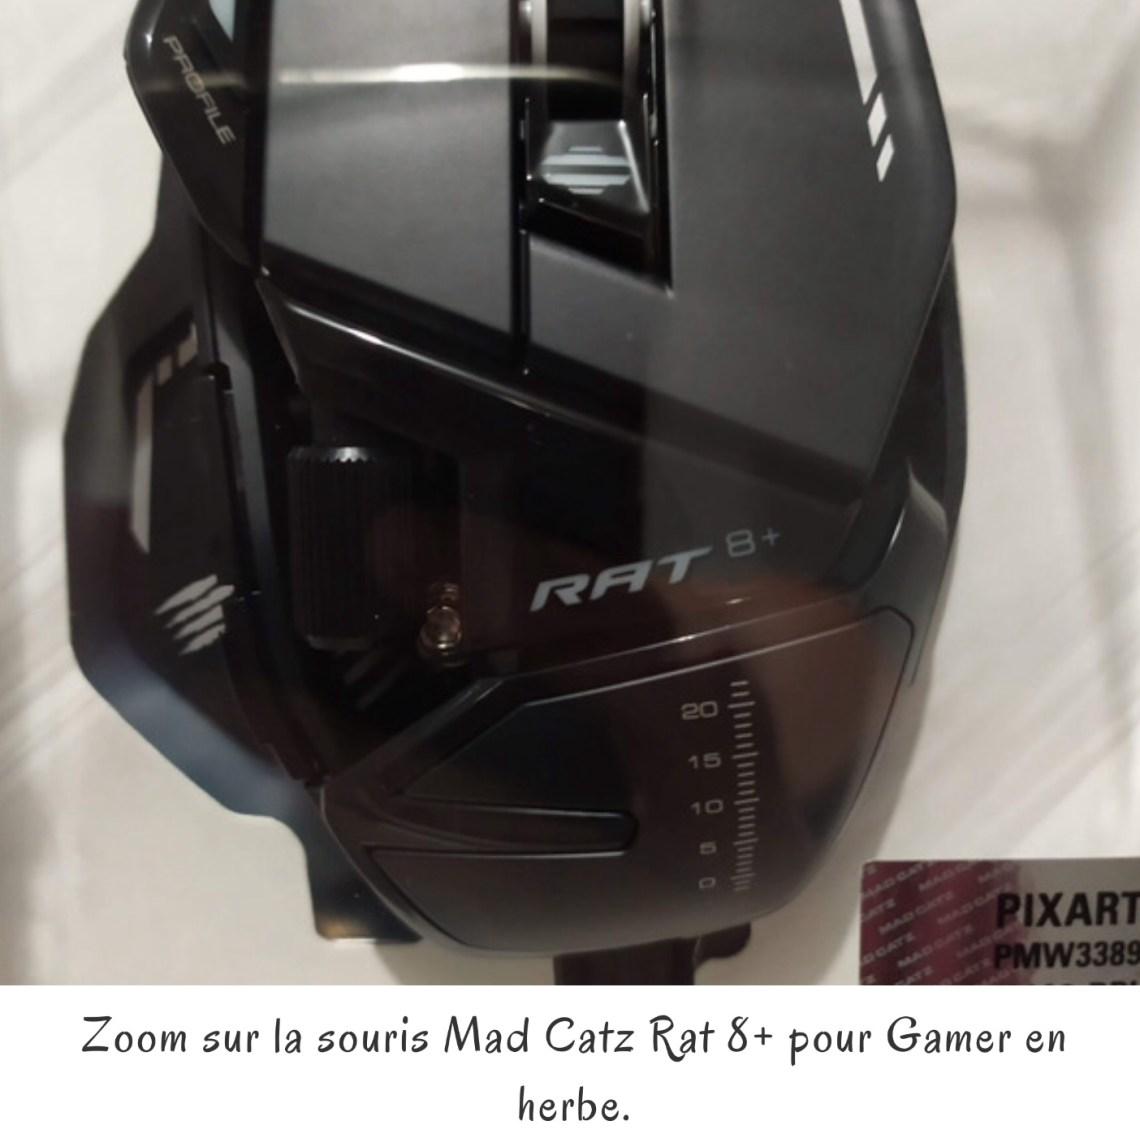 Zoom sur la souris Mad Catz Rat 8+ pour Gamer en herbe.